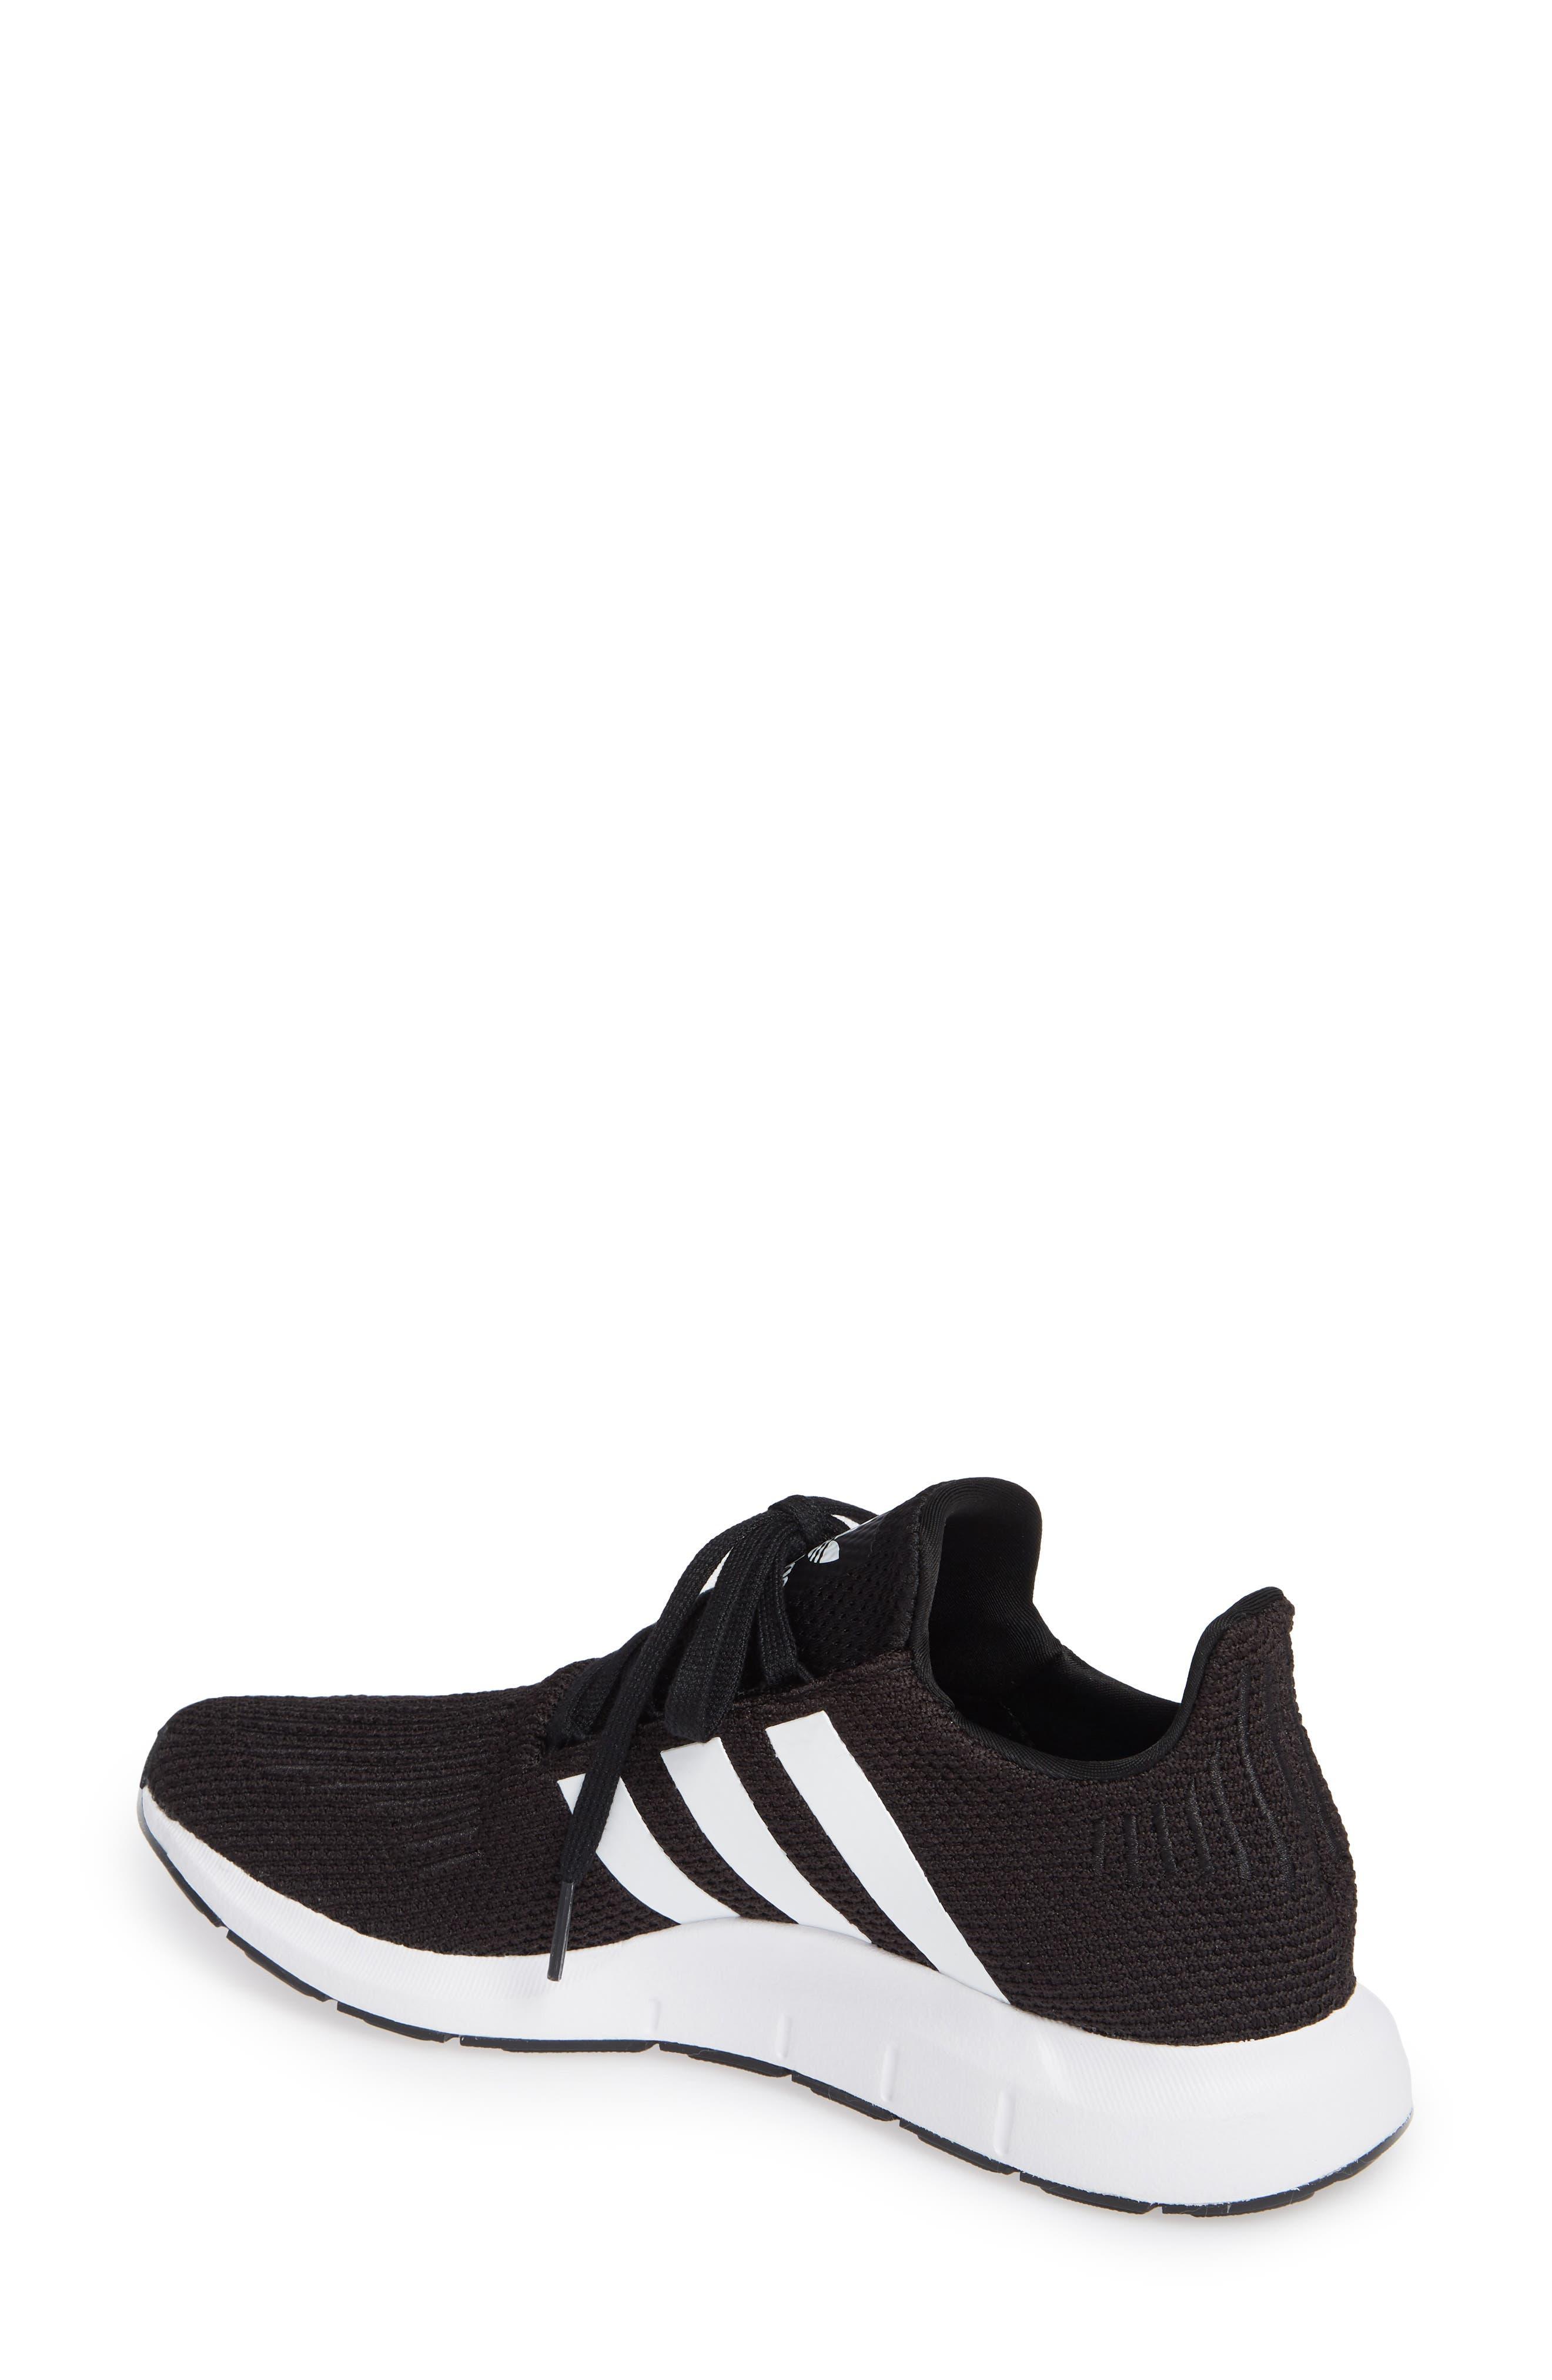 Swift Run Sneaker,                             Alternate thumbnail 41, color,